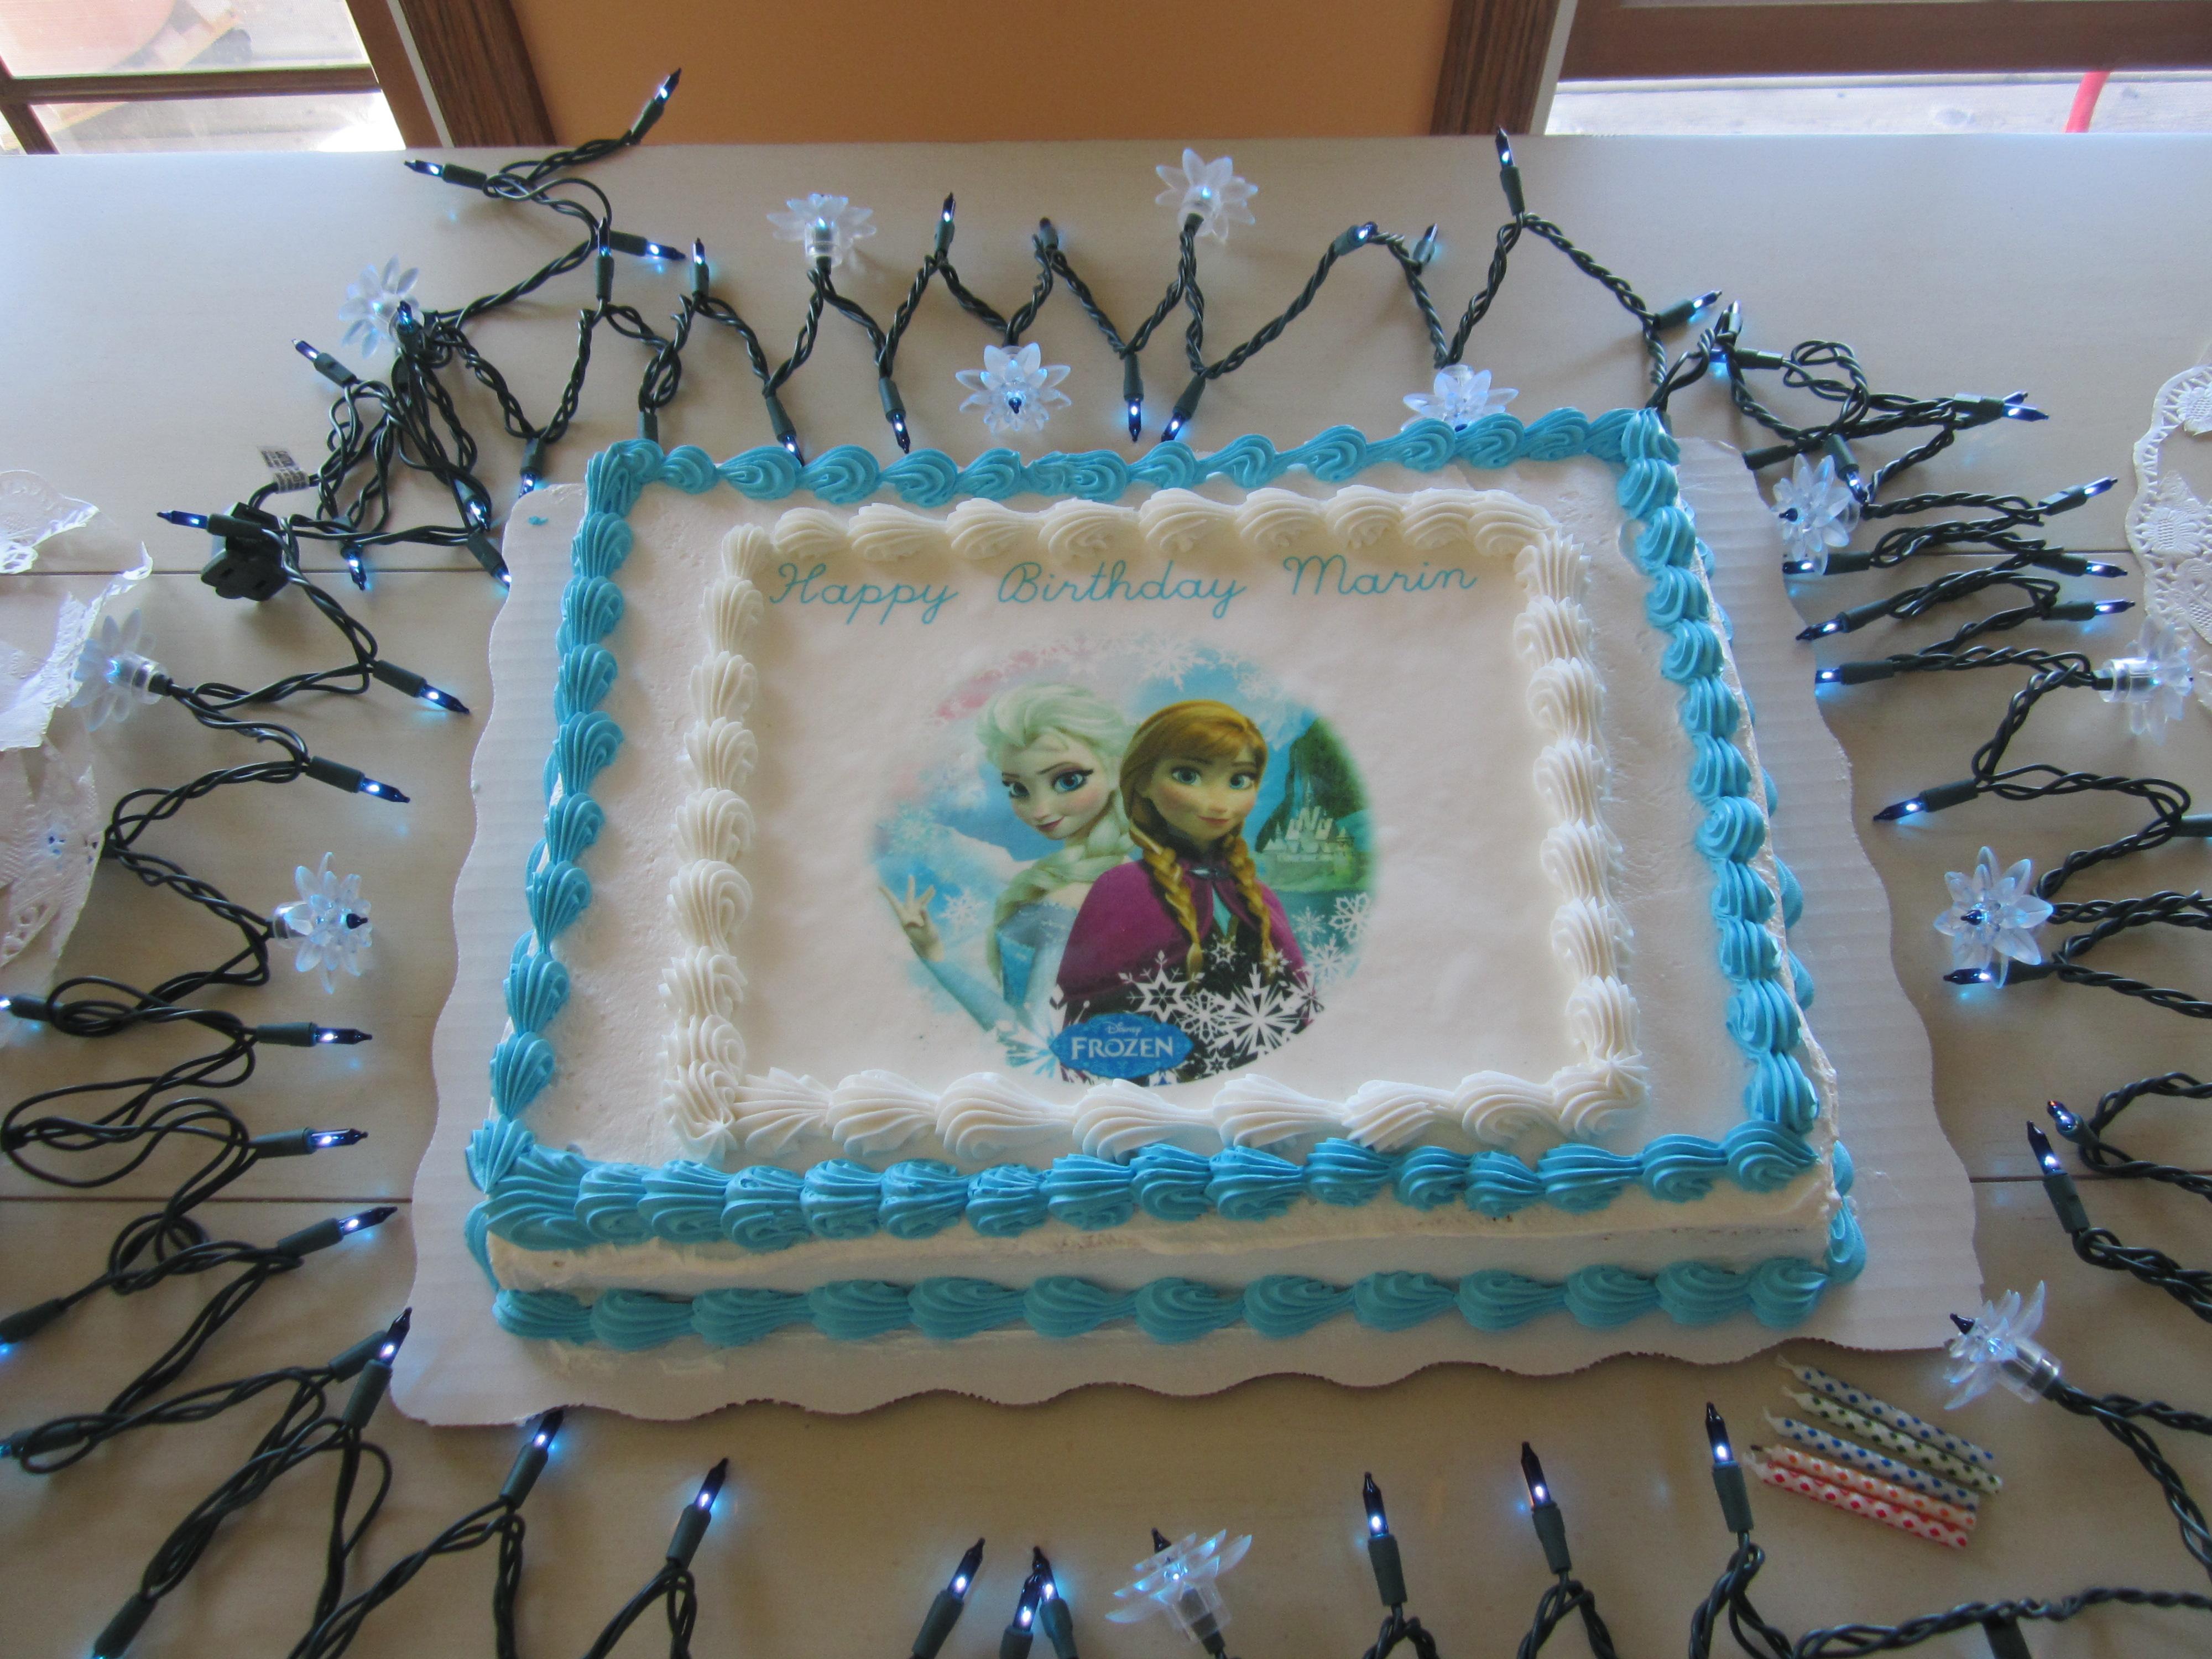 5 Sheet Cakes At Sams Photo Sam Club Birthday Cake Catalog Sams